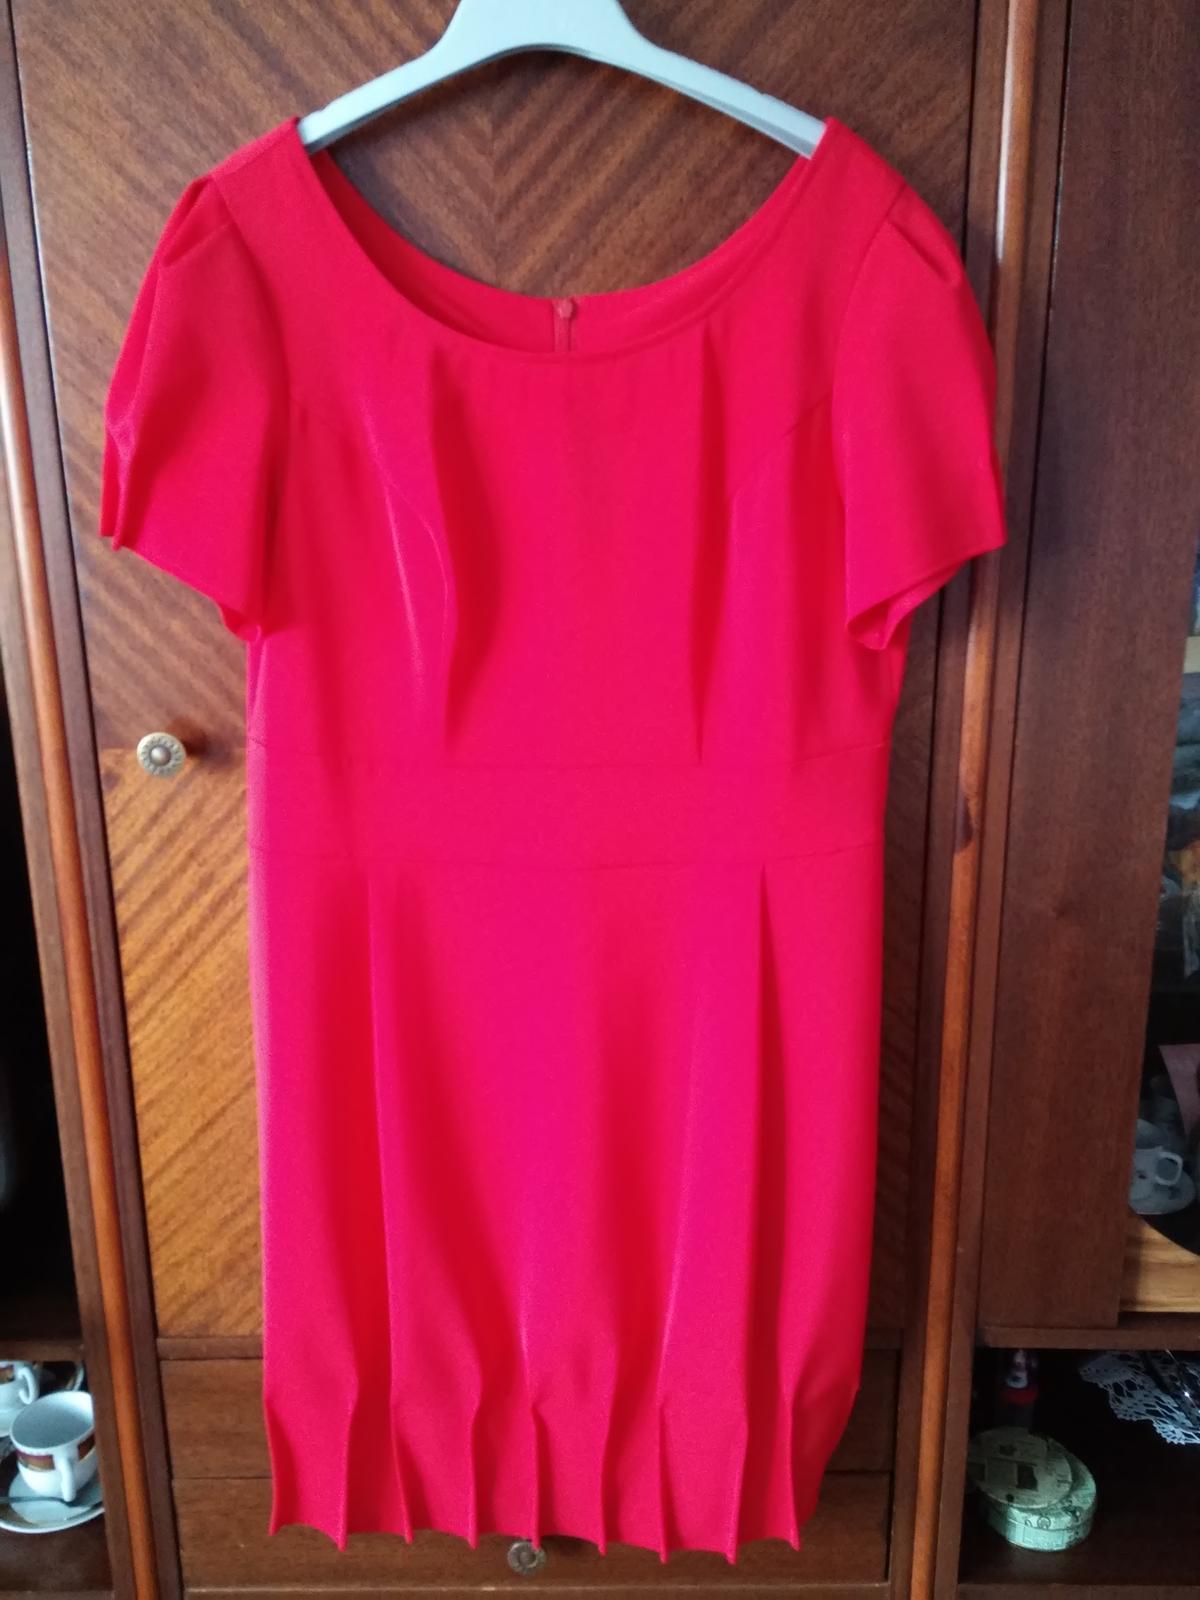 Šaty červenej farby vhodné aj na redoví tanec - Obrázok č. 2